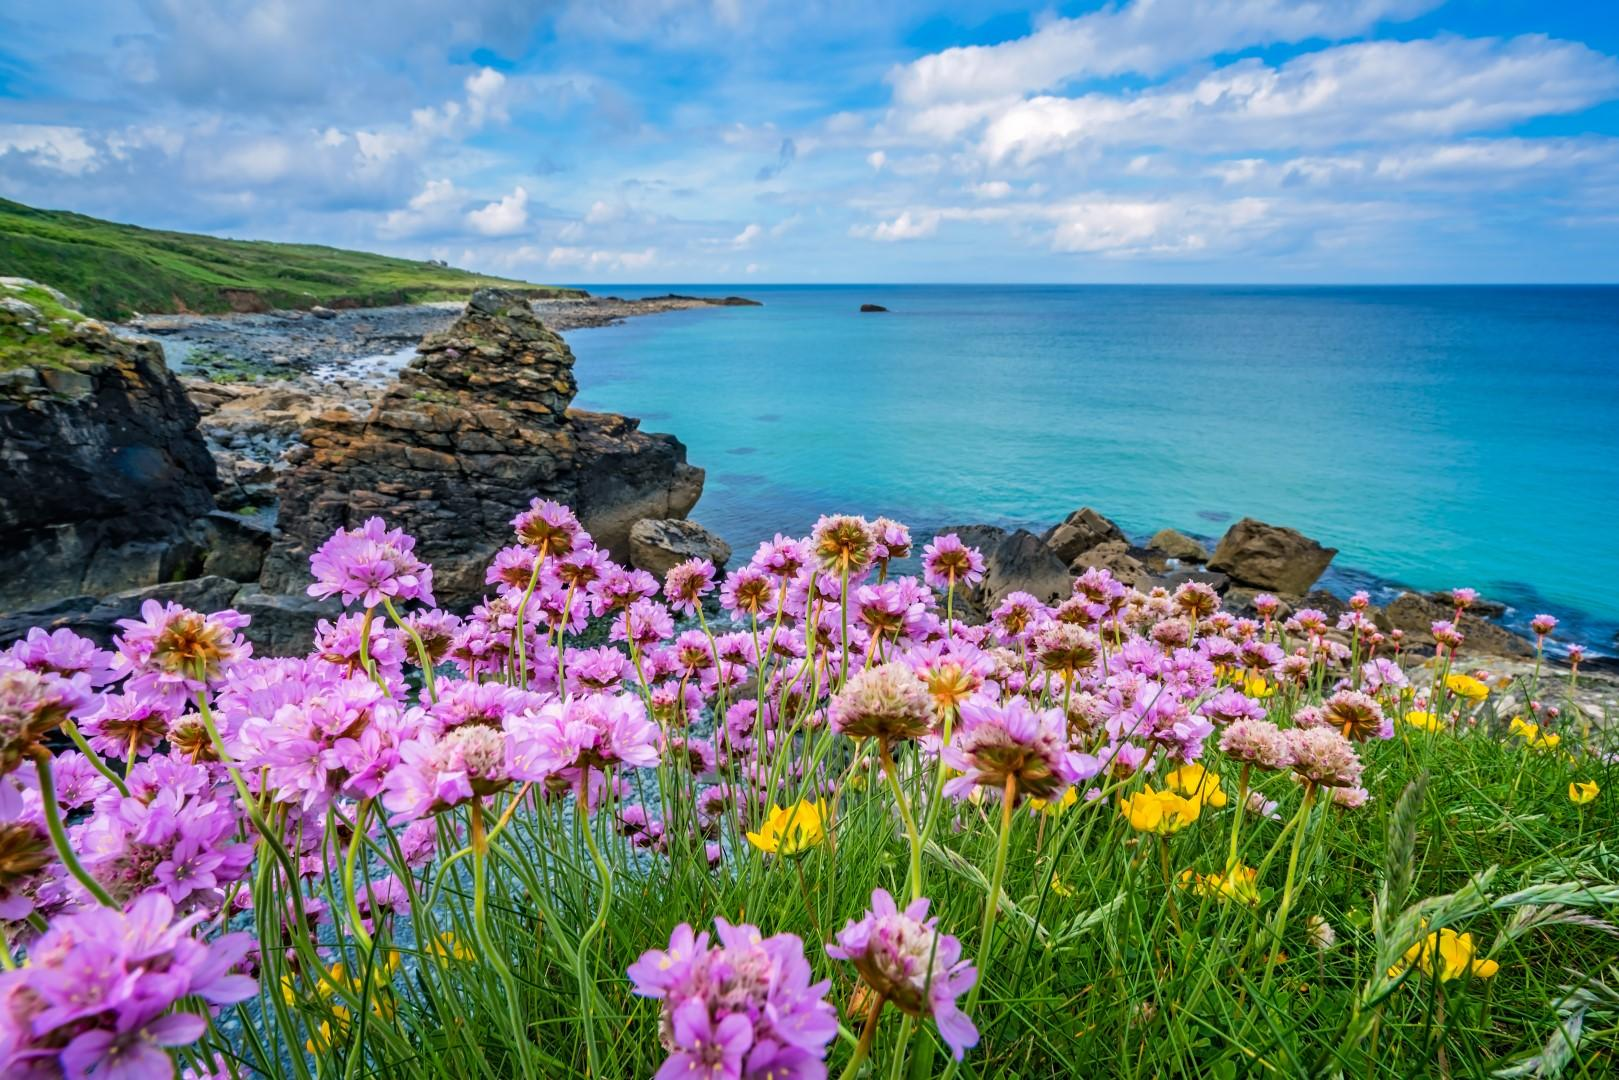 Da Cuba alle Faroe, tutto il fascino dell Atlantico